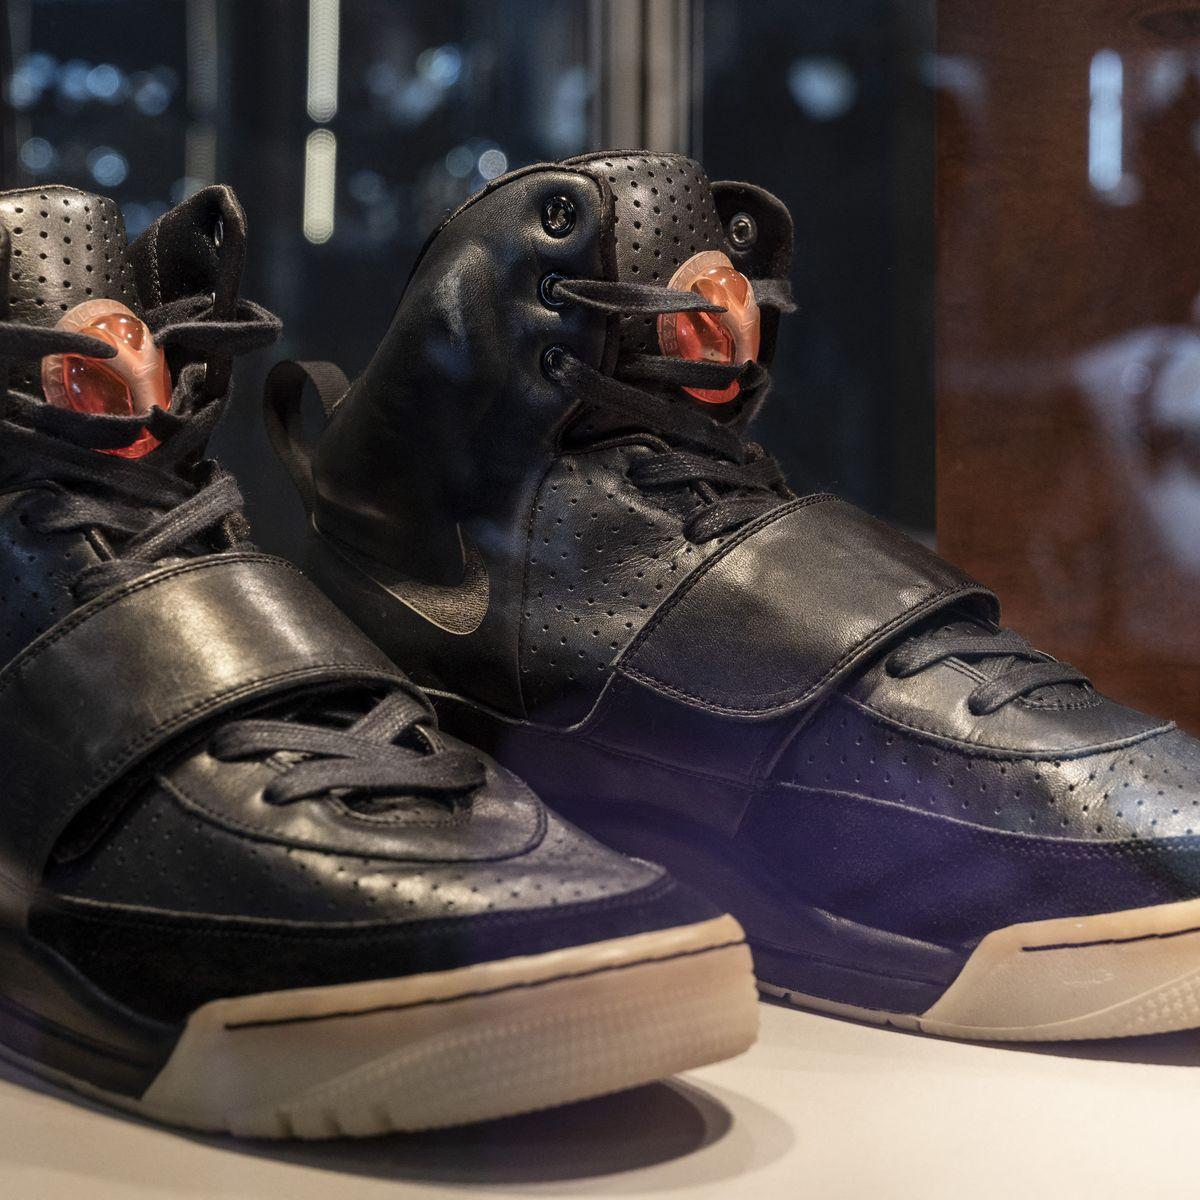 Une paire de baskets Nike Air Yeezy 1 de Kanye West vendues 1,8 ...